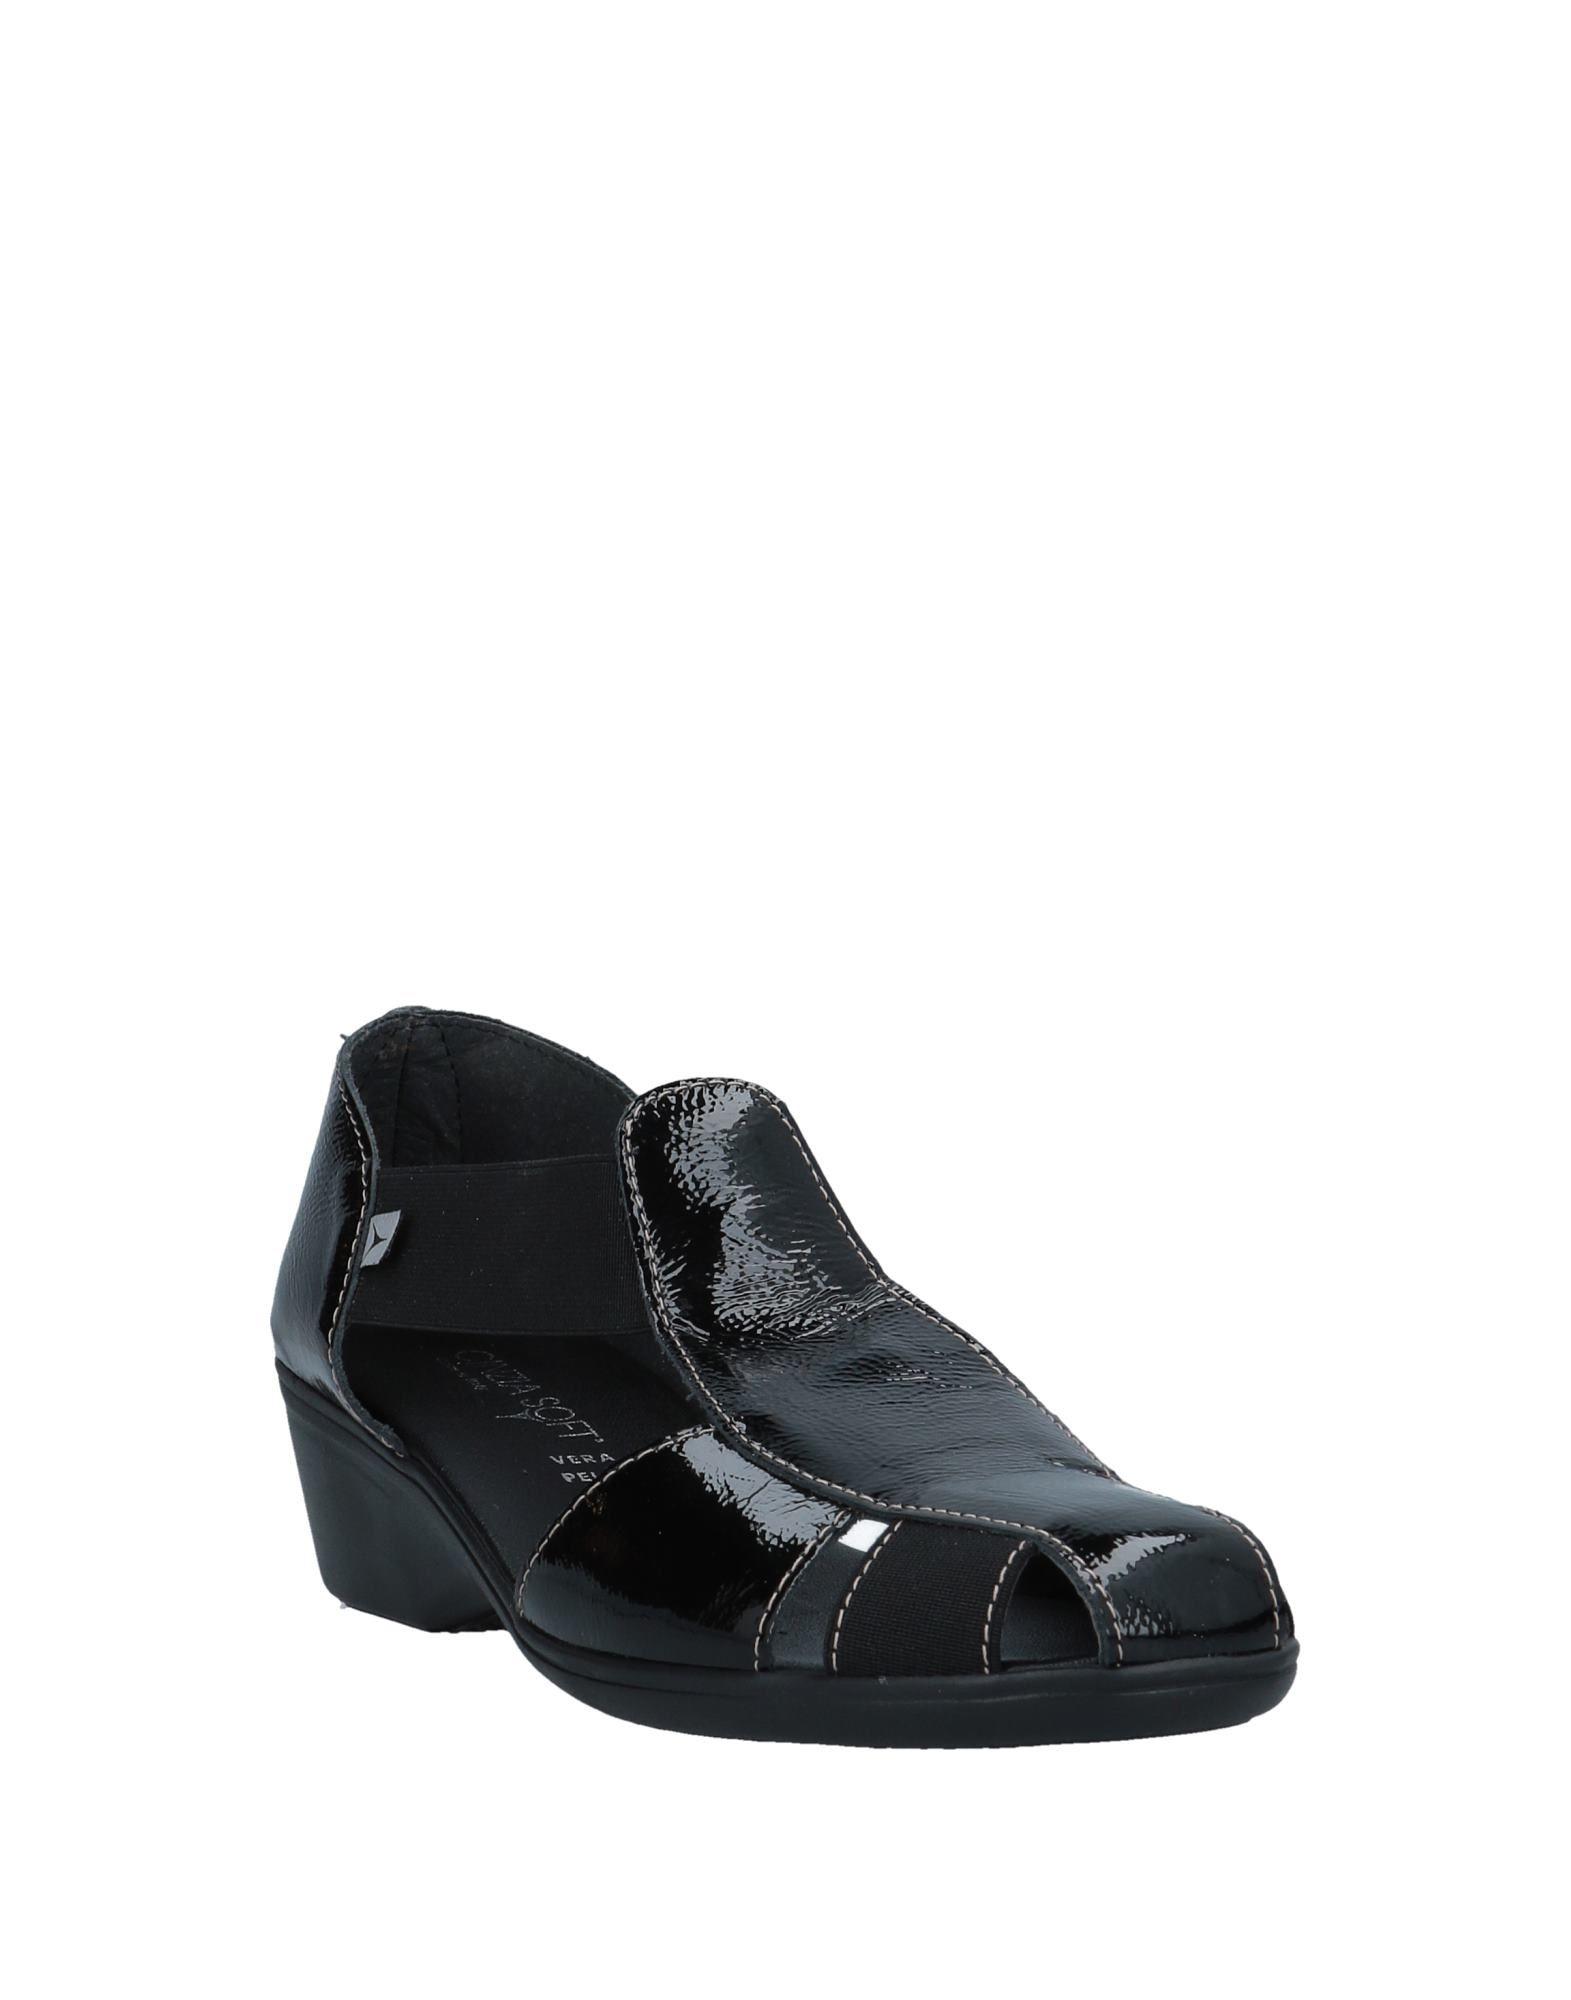 cinzia doux par mauri moda sandales - femmes cinzia moda doux par mauri moda cinzia sandales en ligne au royaume - uni - 11547251ql 2a9ba9